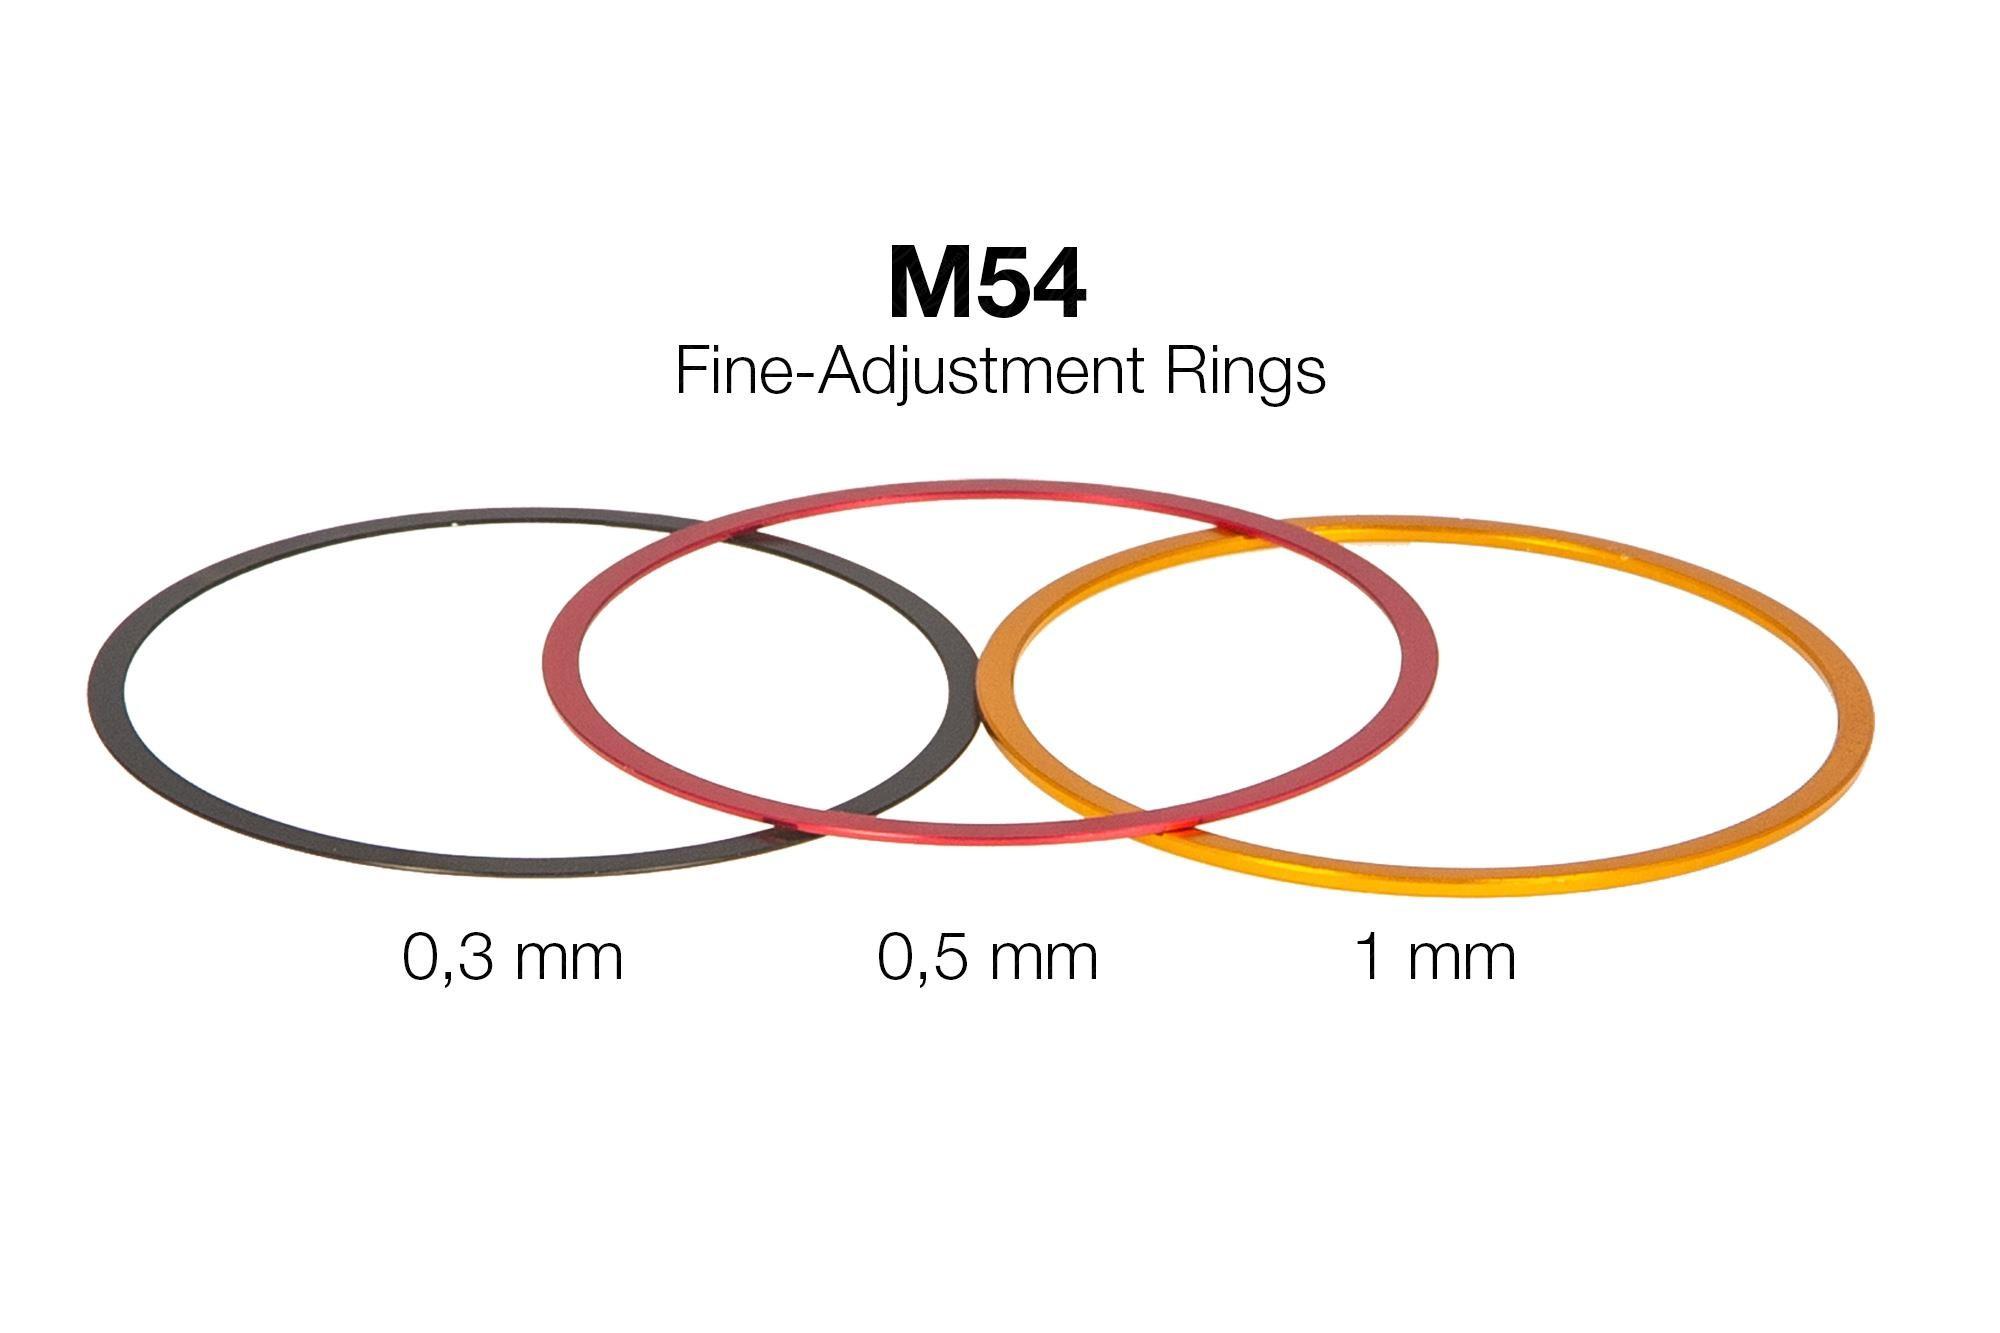 M54 Fine-Adjustment rings (0,3 / 0,5 / 1 mm) - Aluminium